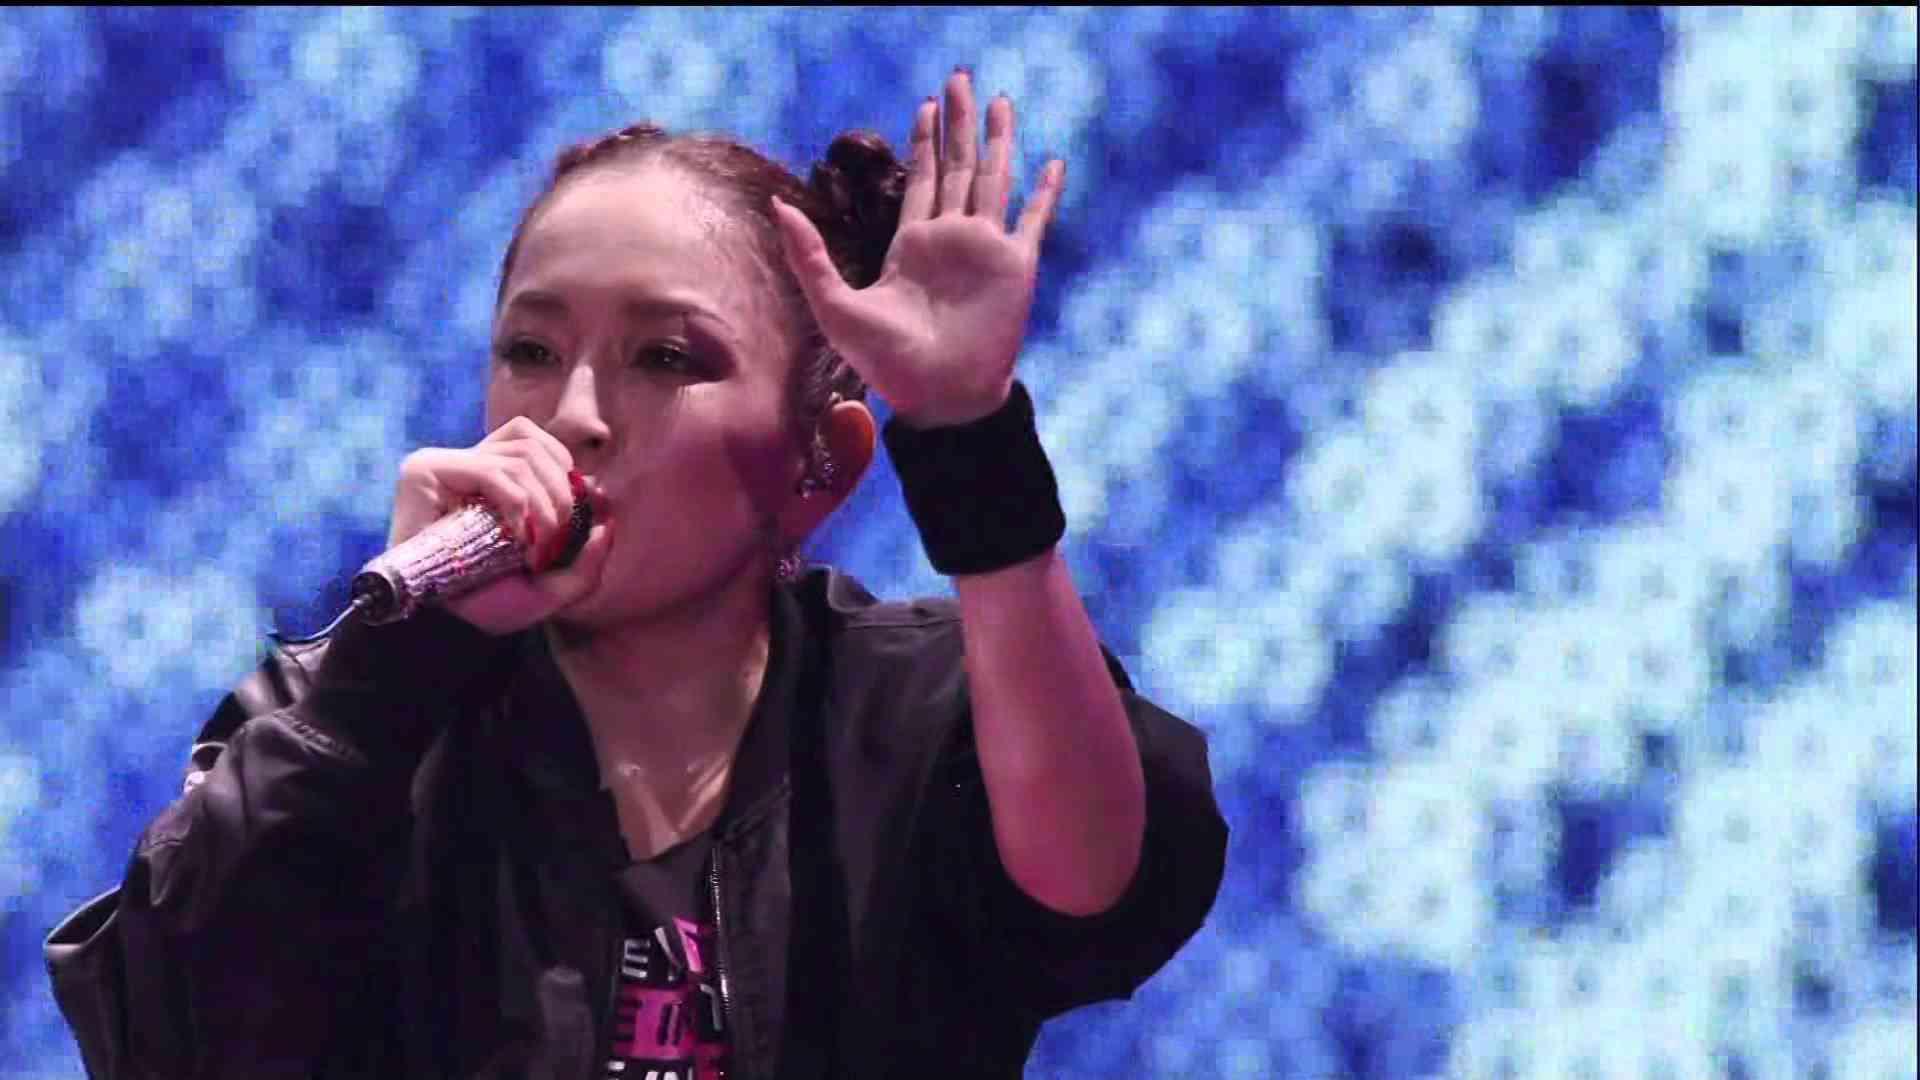 Ayumi Hamasaki 浜崎あゆみ - Many Classic Moments - YouTube